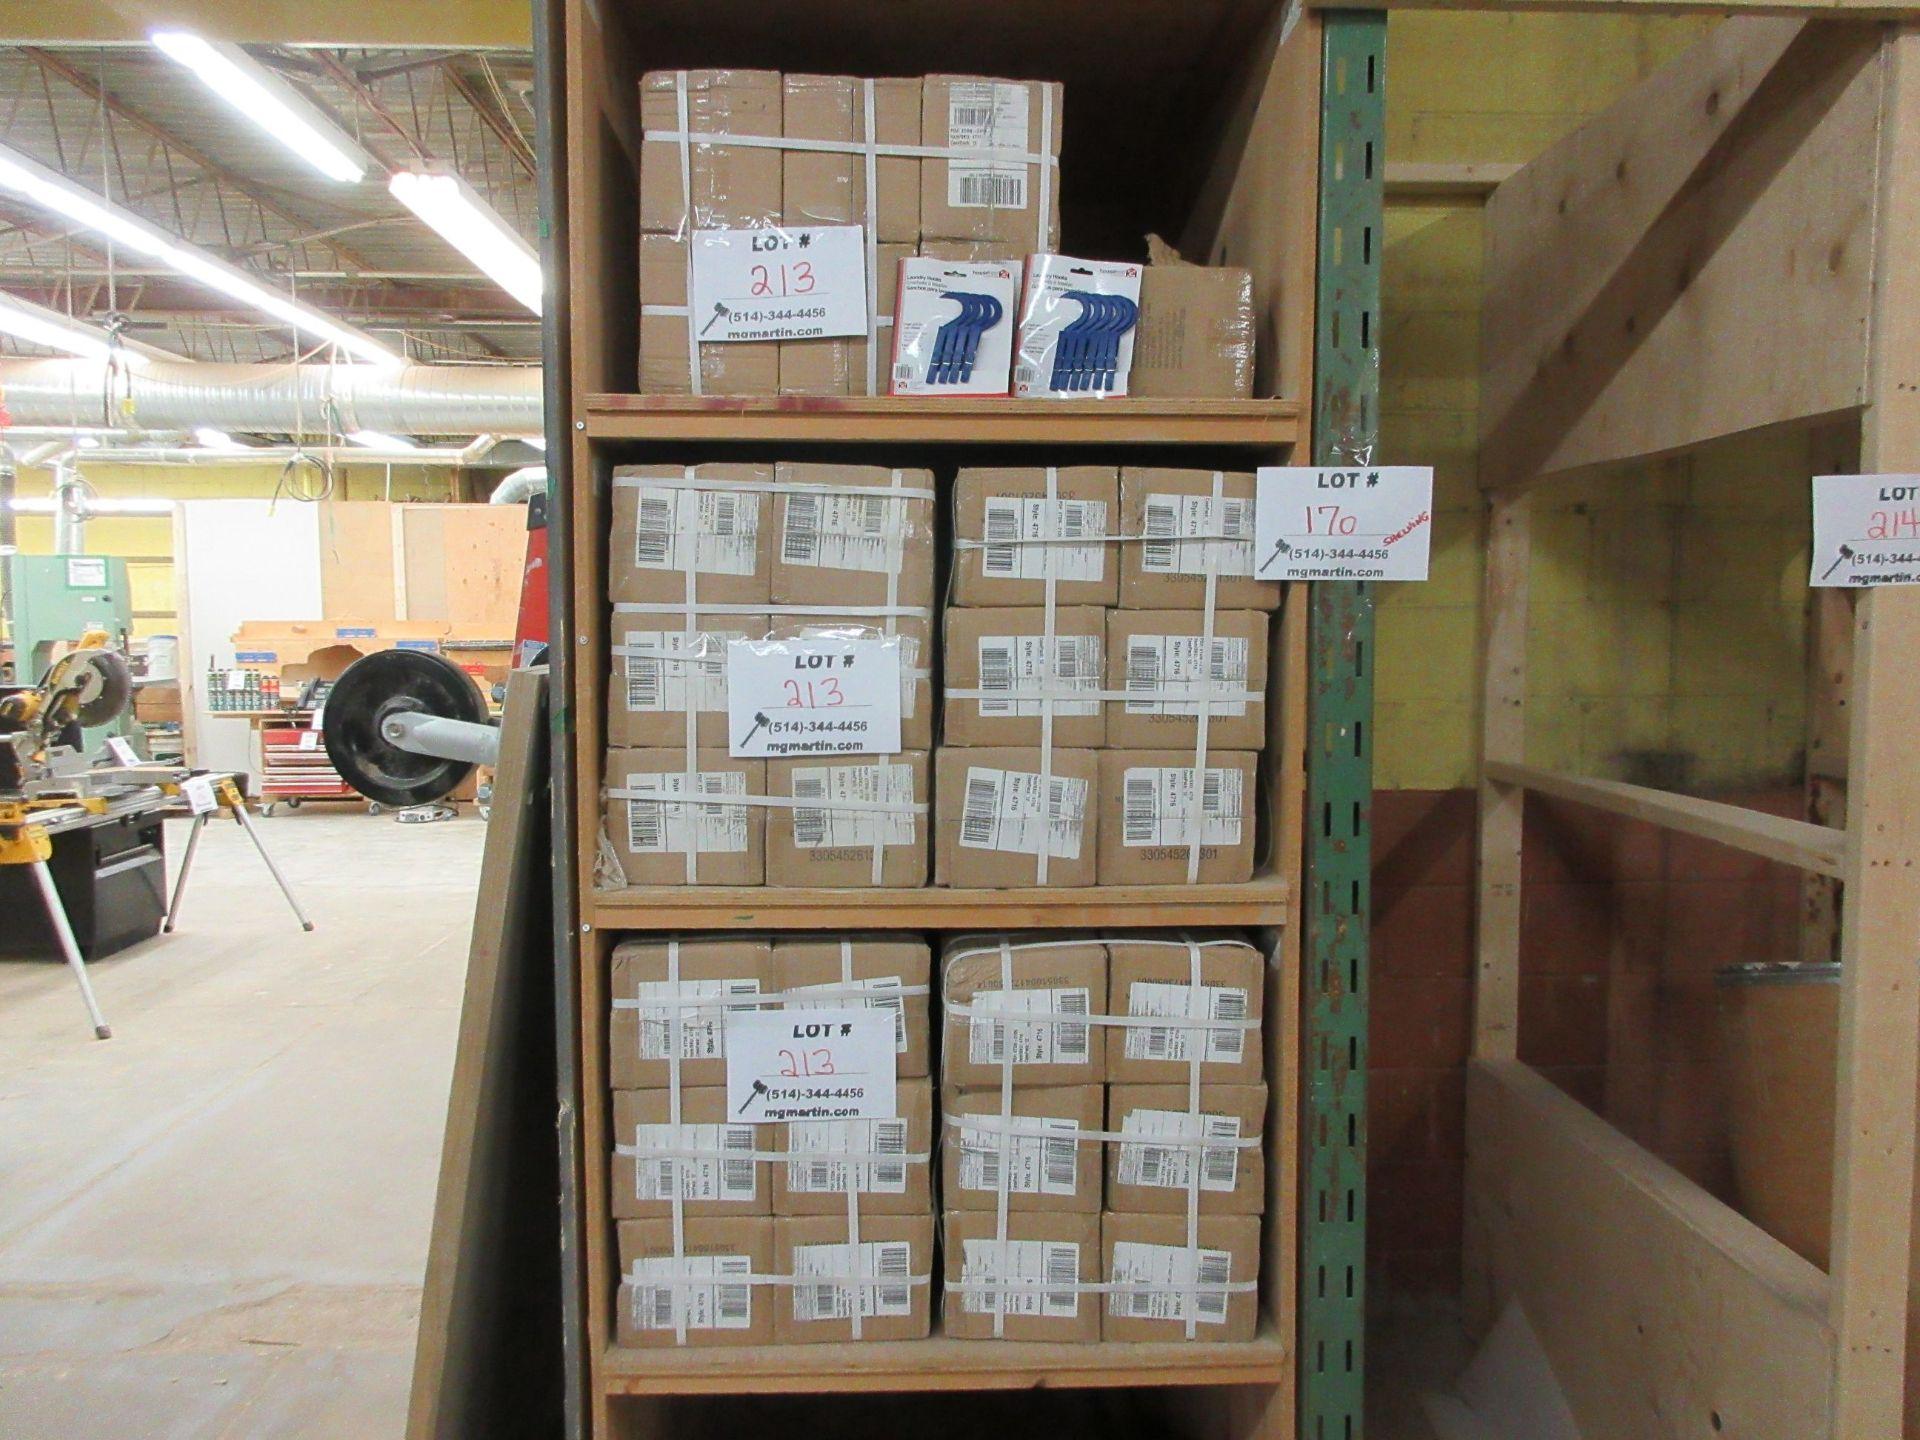 Boxes laundry hooks 12 packs/box (30 boxes) - Image 2 of 2